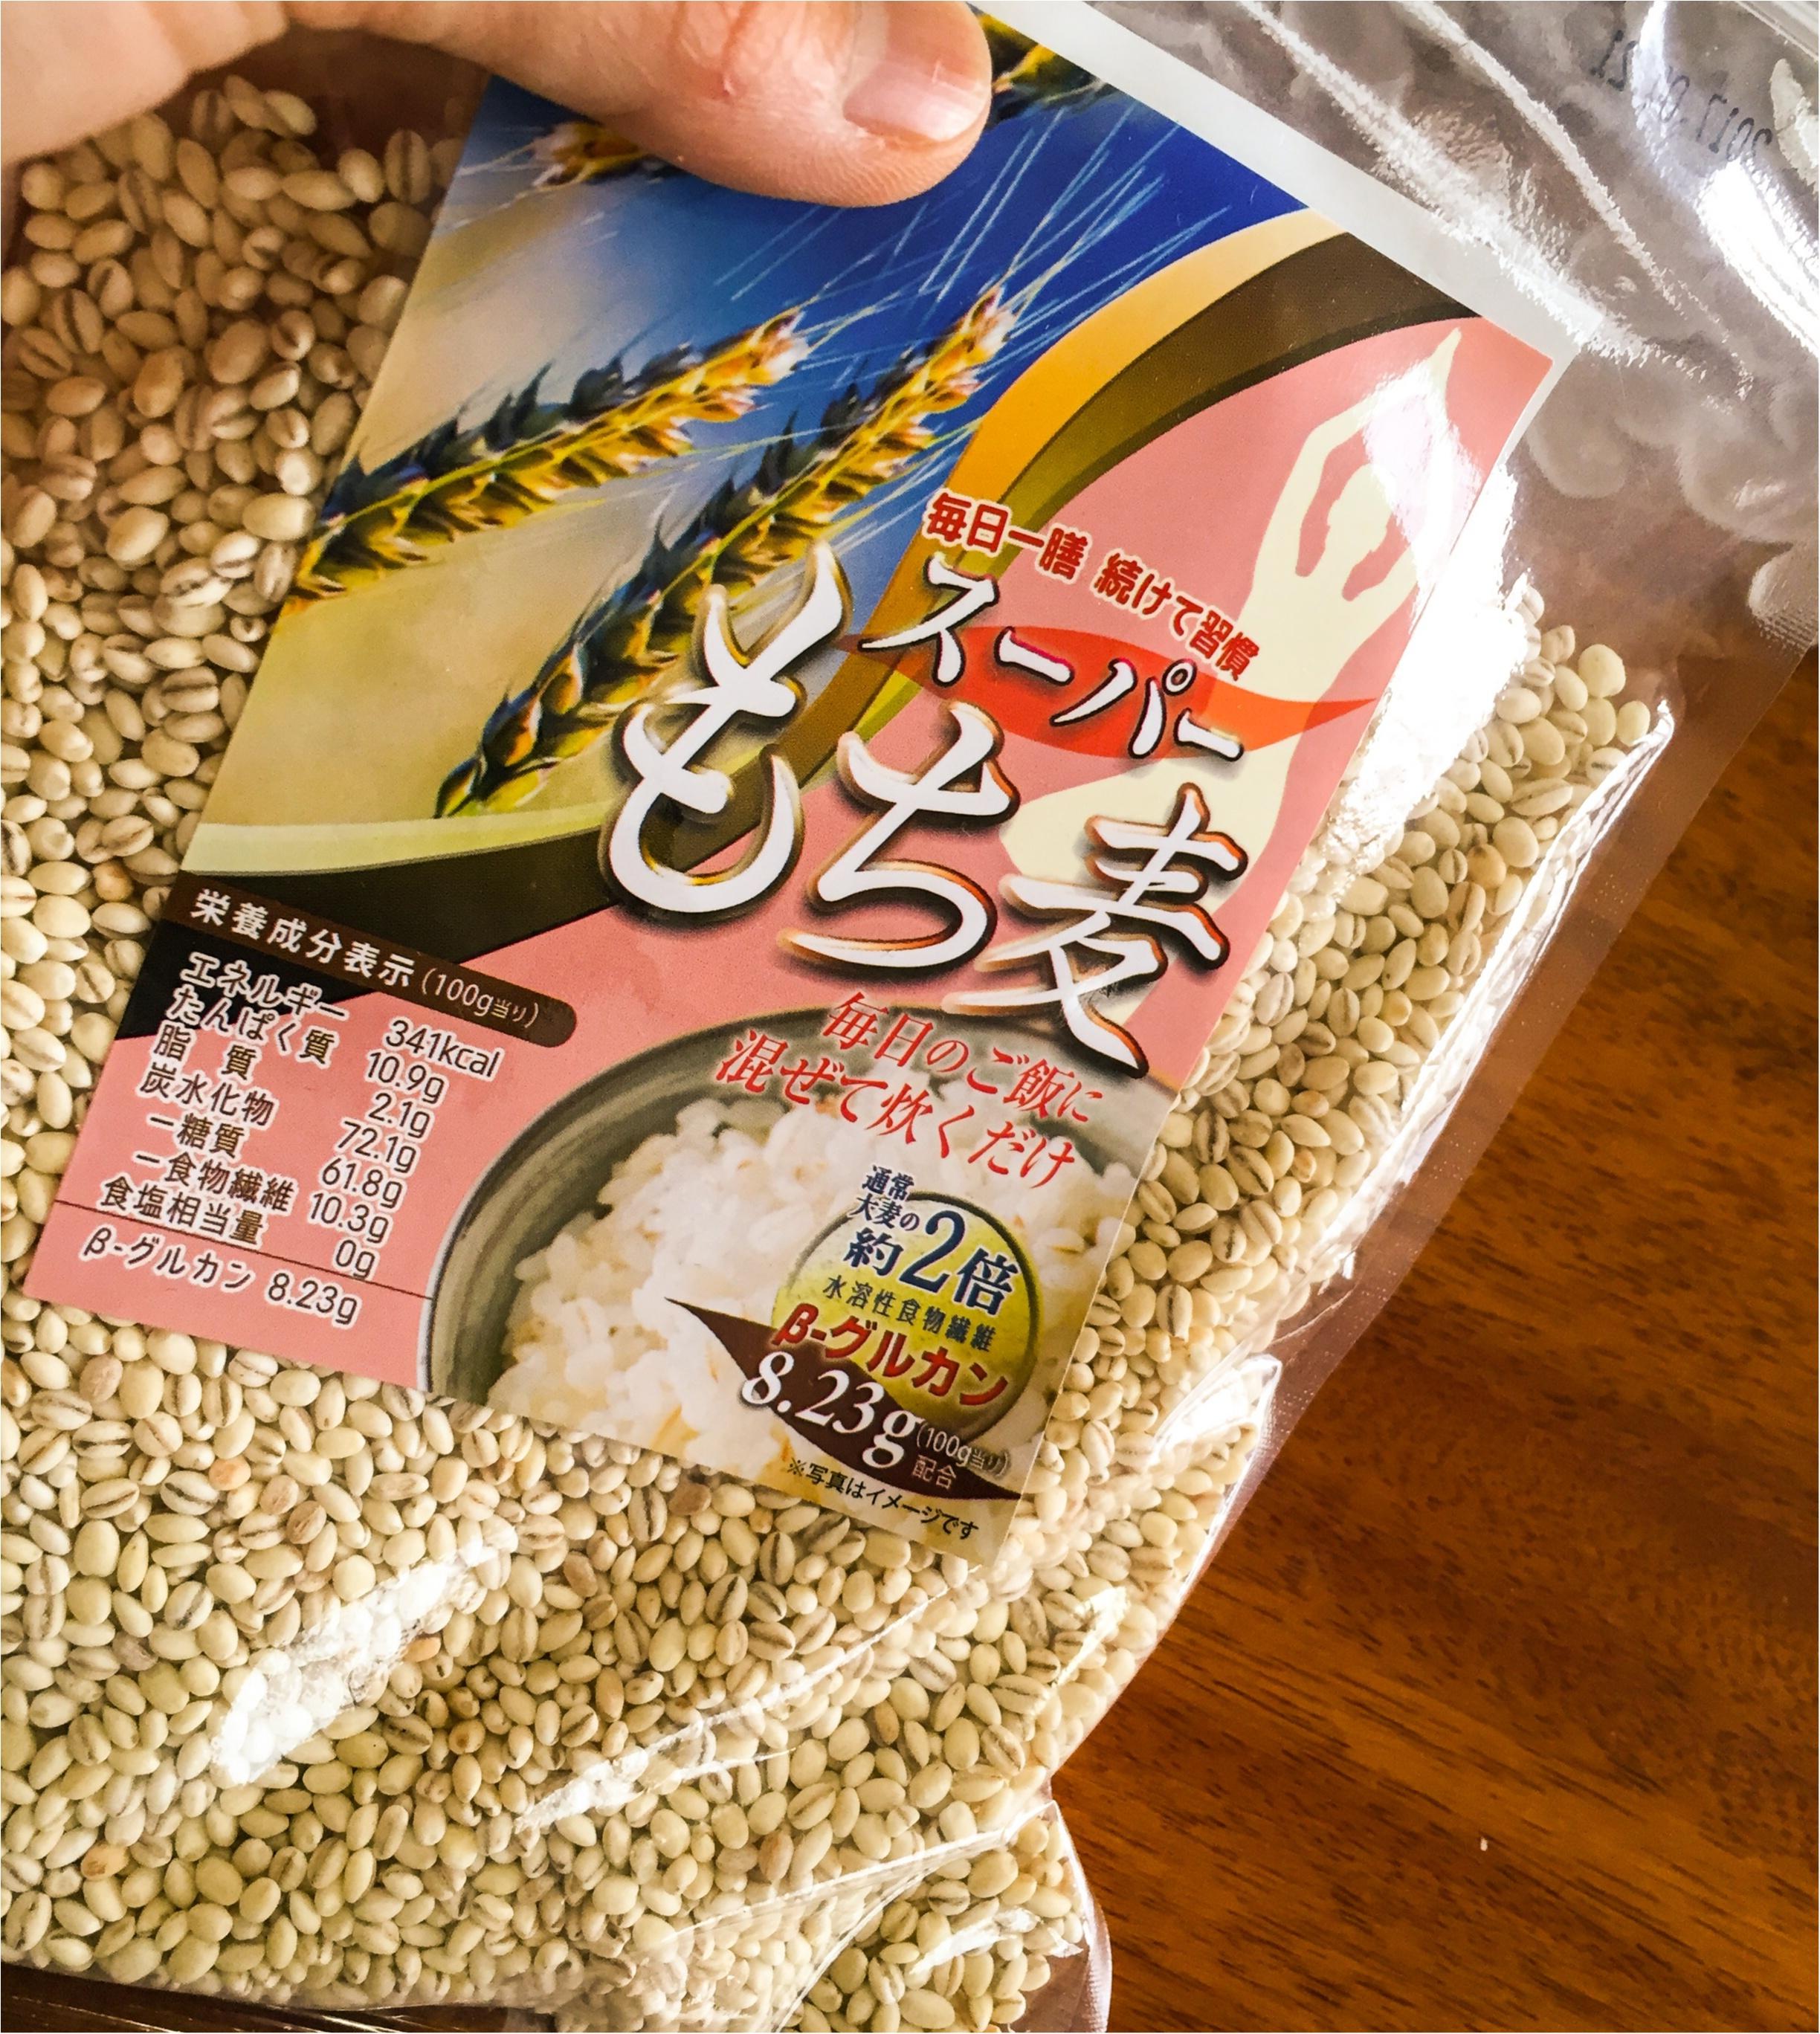 【食物繊維25倍!】話題のスーパーフードもち麦って?【diet】_1